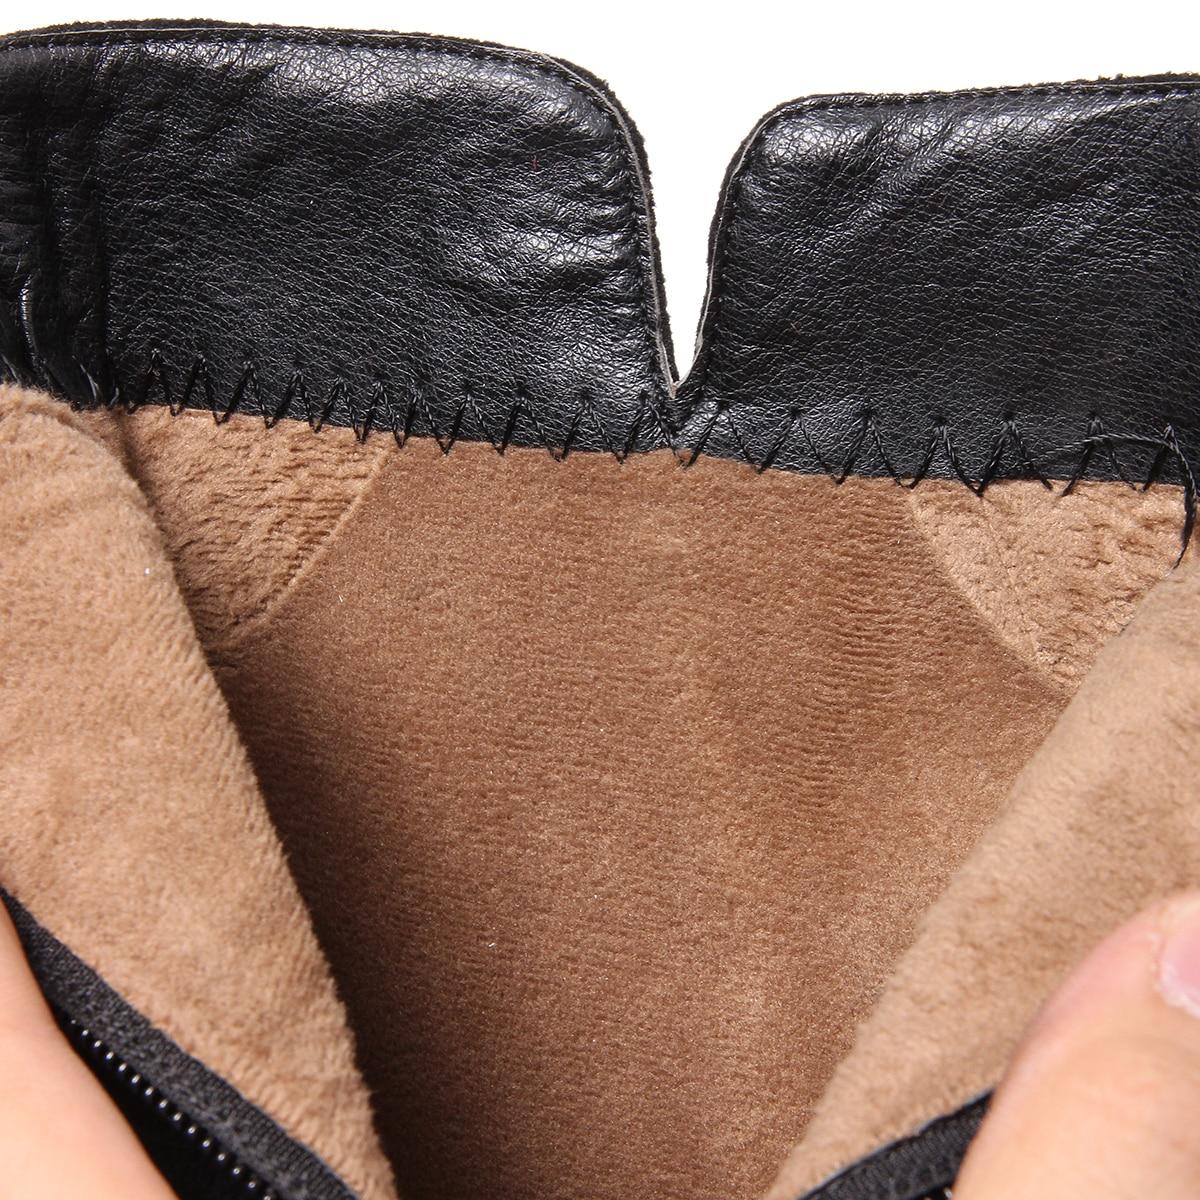 De Llegada Piel En Negro Vaca Cremallera Moda Zapatos Con Botas 34 Otoño Nueva rojo Cuero 100 Europeos Tamaño gris 43 d5x8nW8wTq